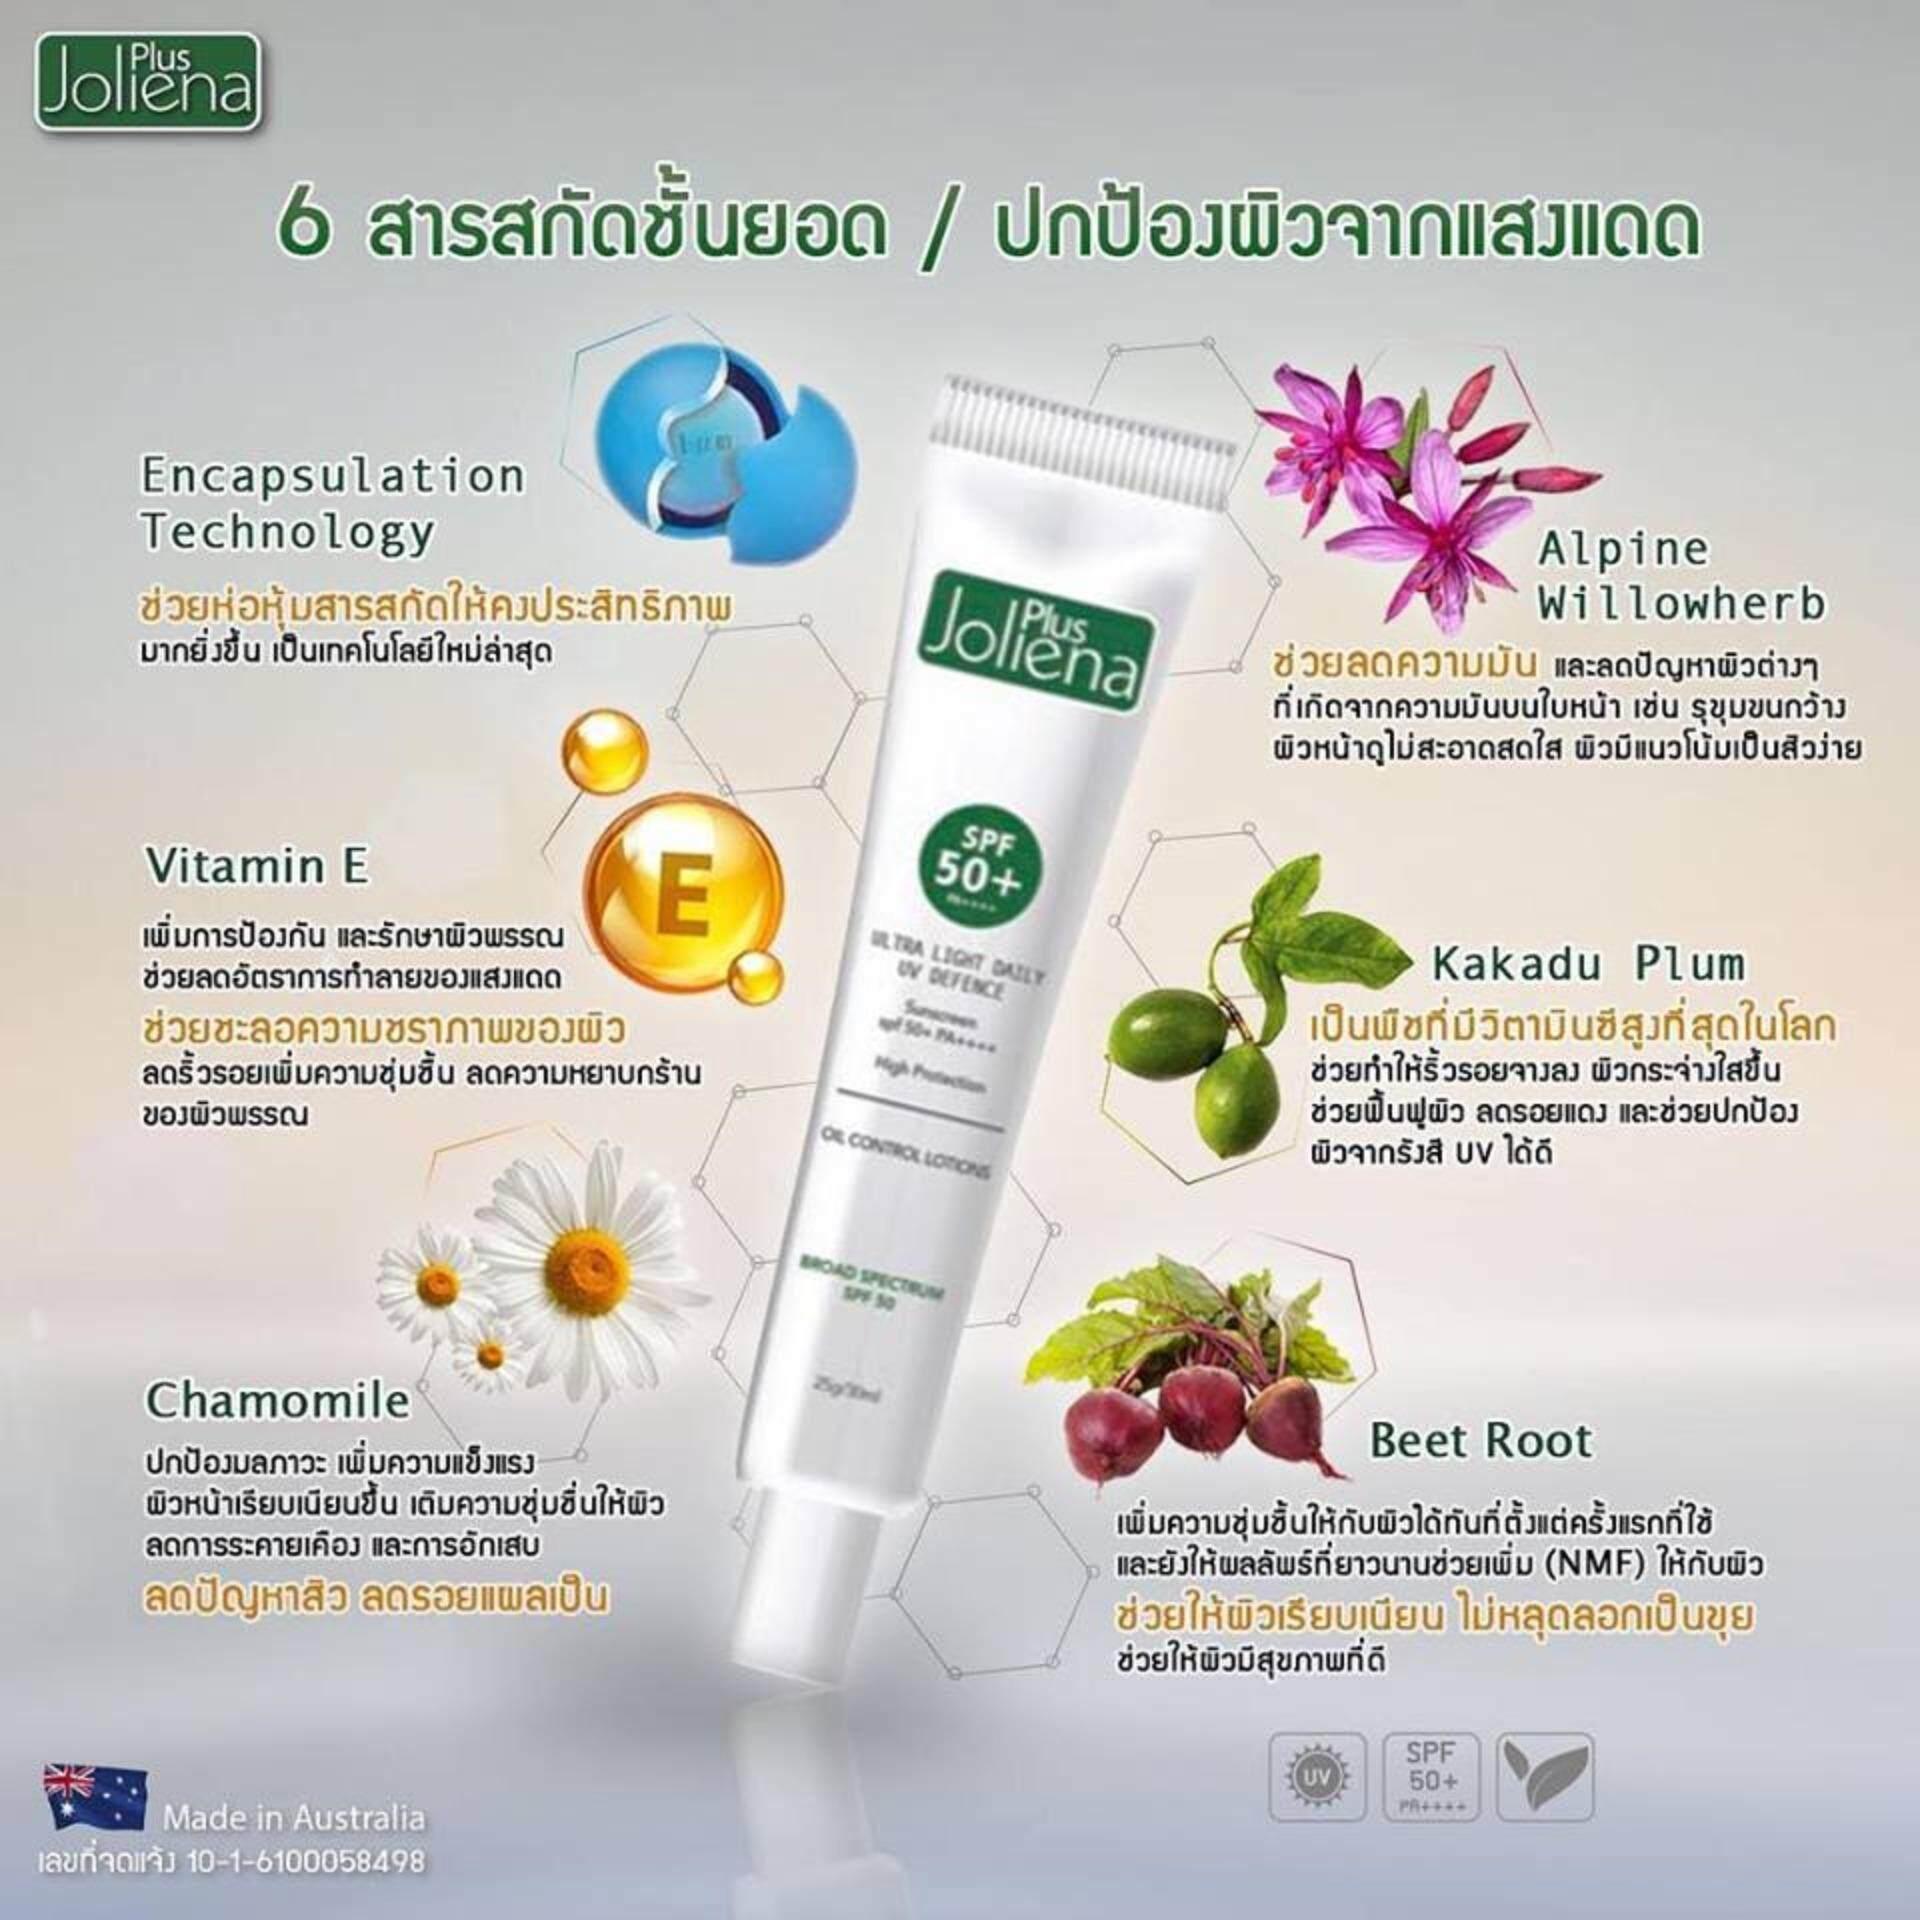 (ของแท้ 100%) ครีมกันแดดโจลีน่า Joliena Plus Ultra Light Daily UV Defence Sunscreen SPF 50 PA++++ (1 หลอด)